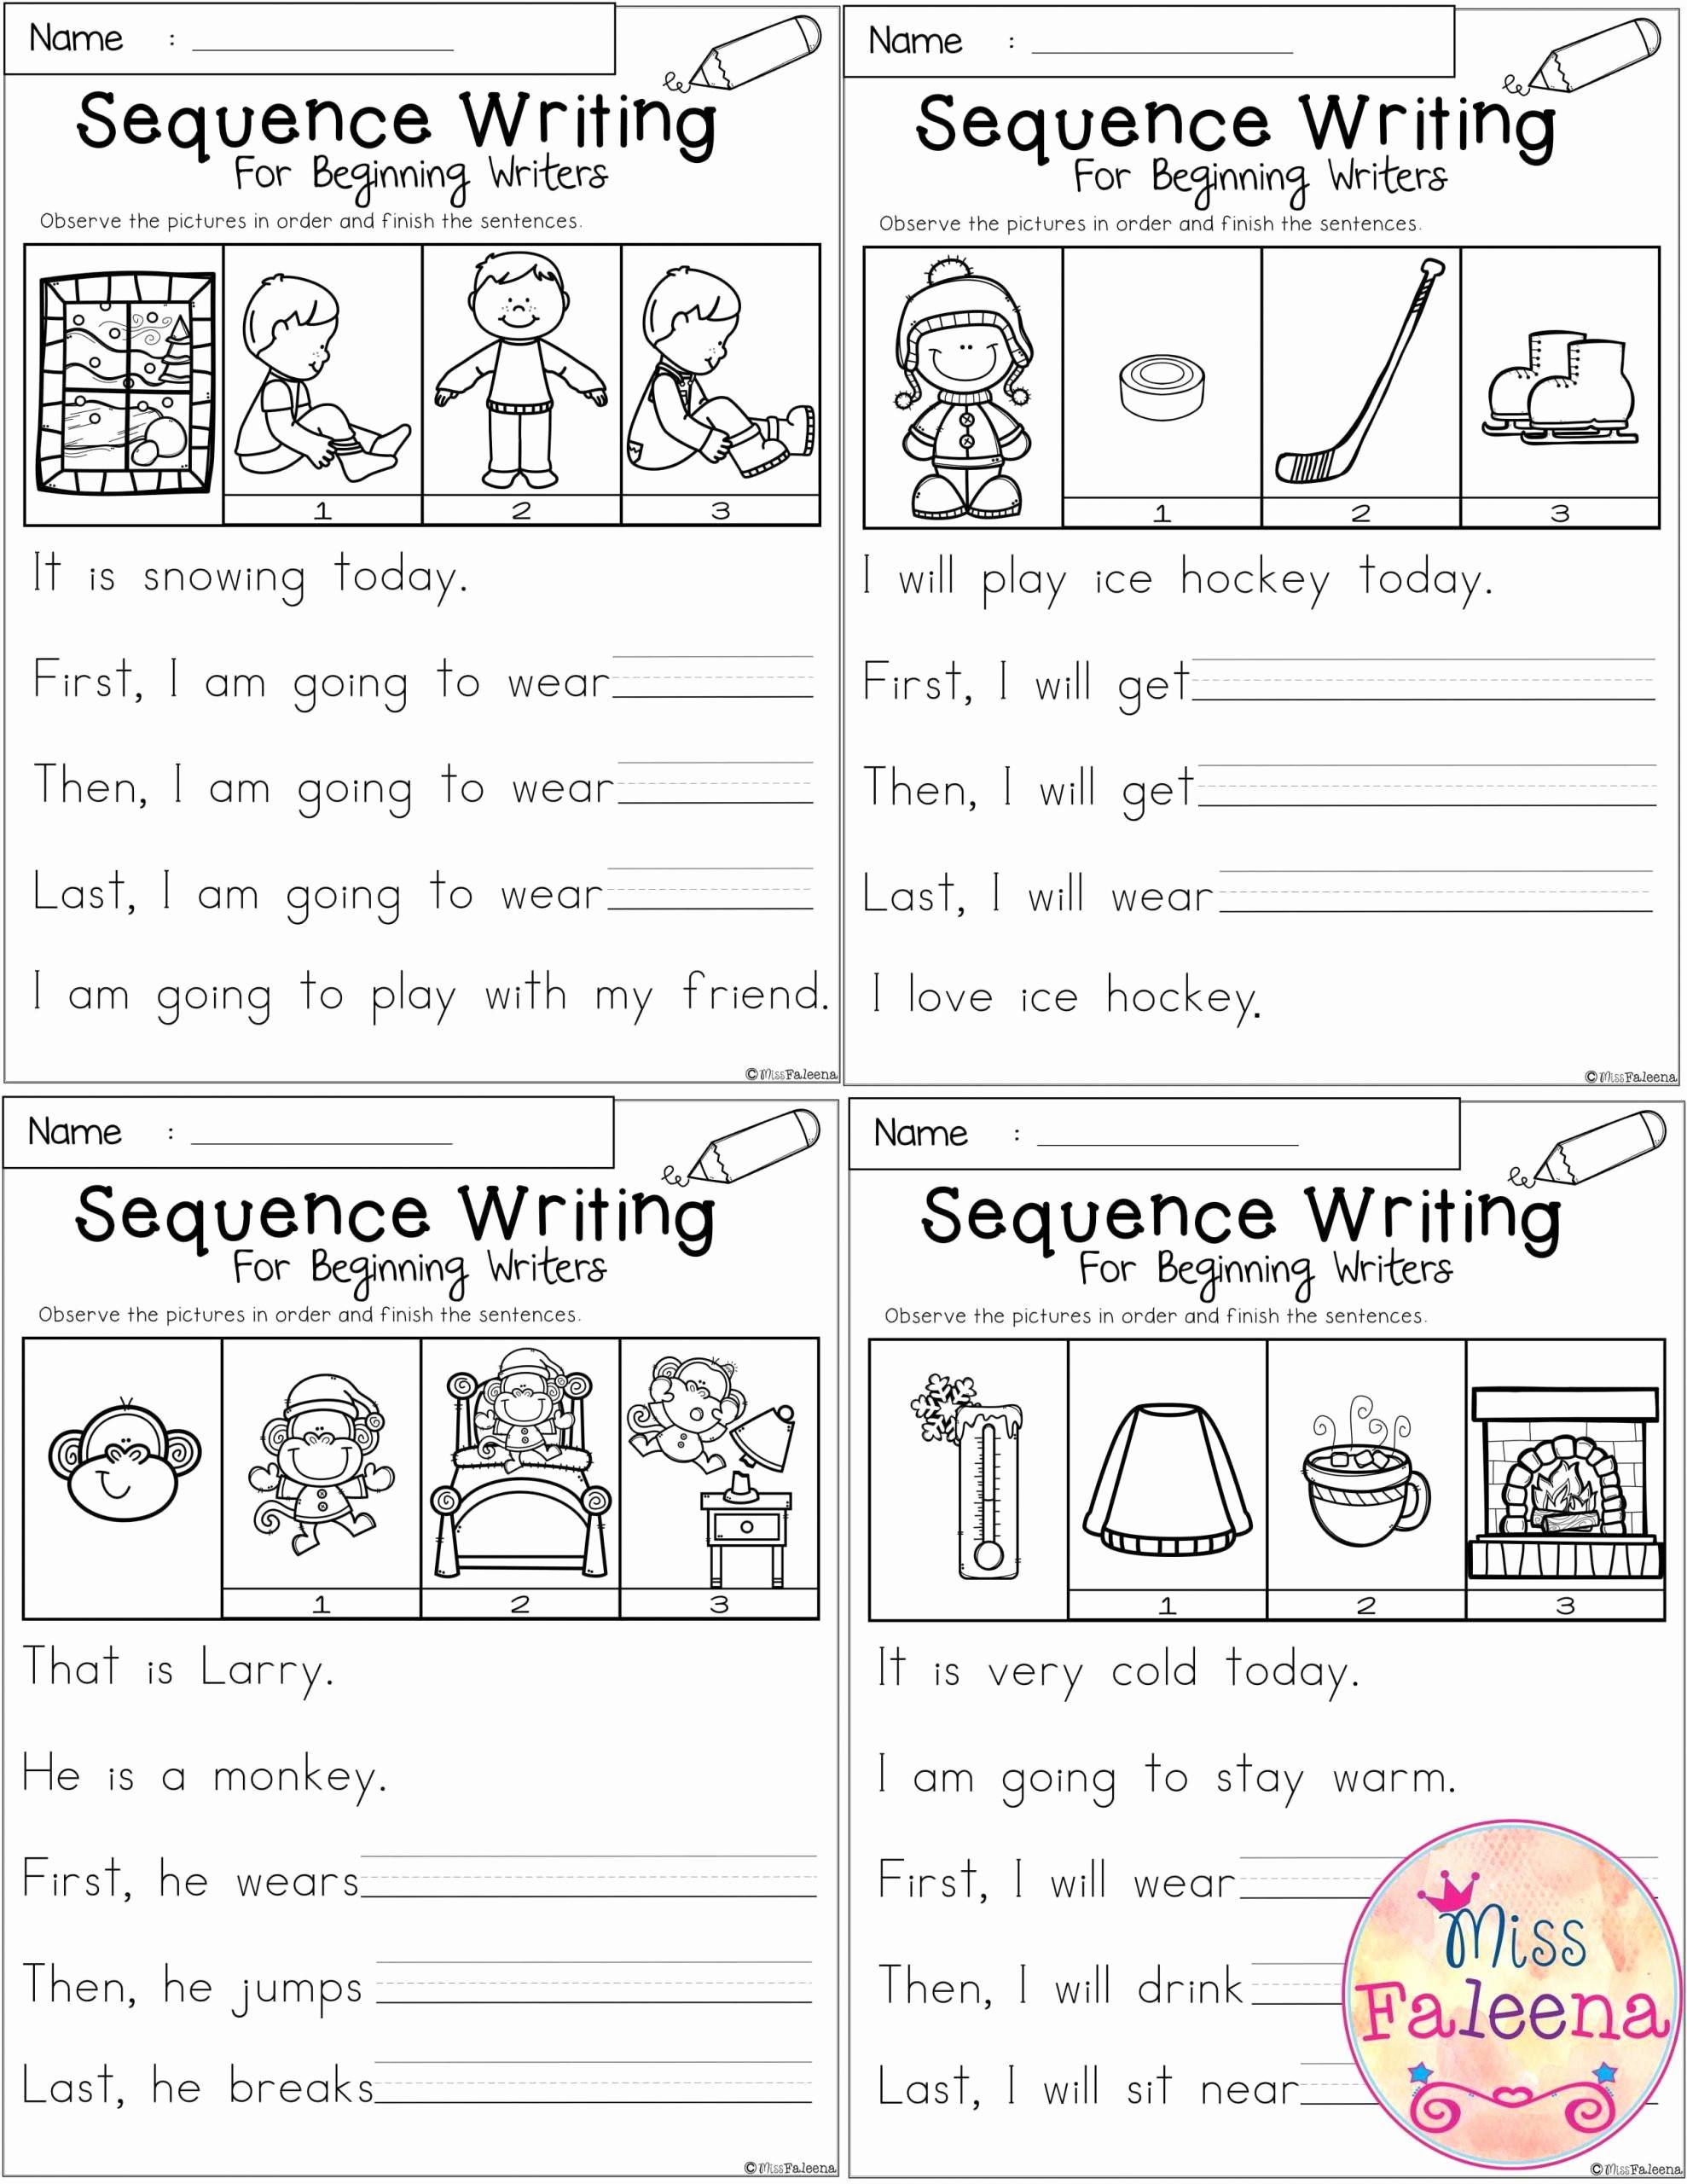 Sequence Worksheets for Kindergarten Inspirational 20 Sequencing Worksheets for Kindergarten